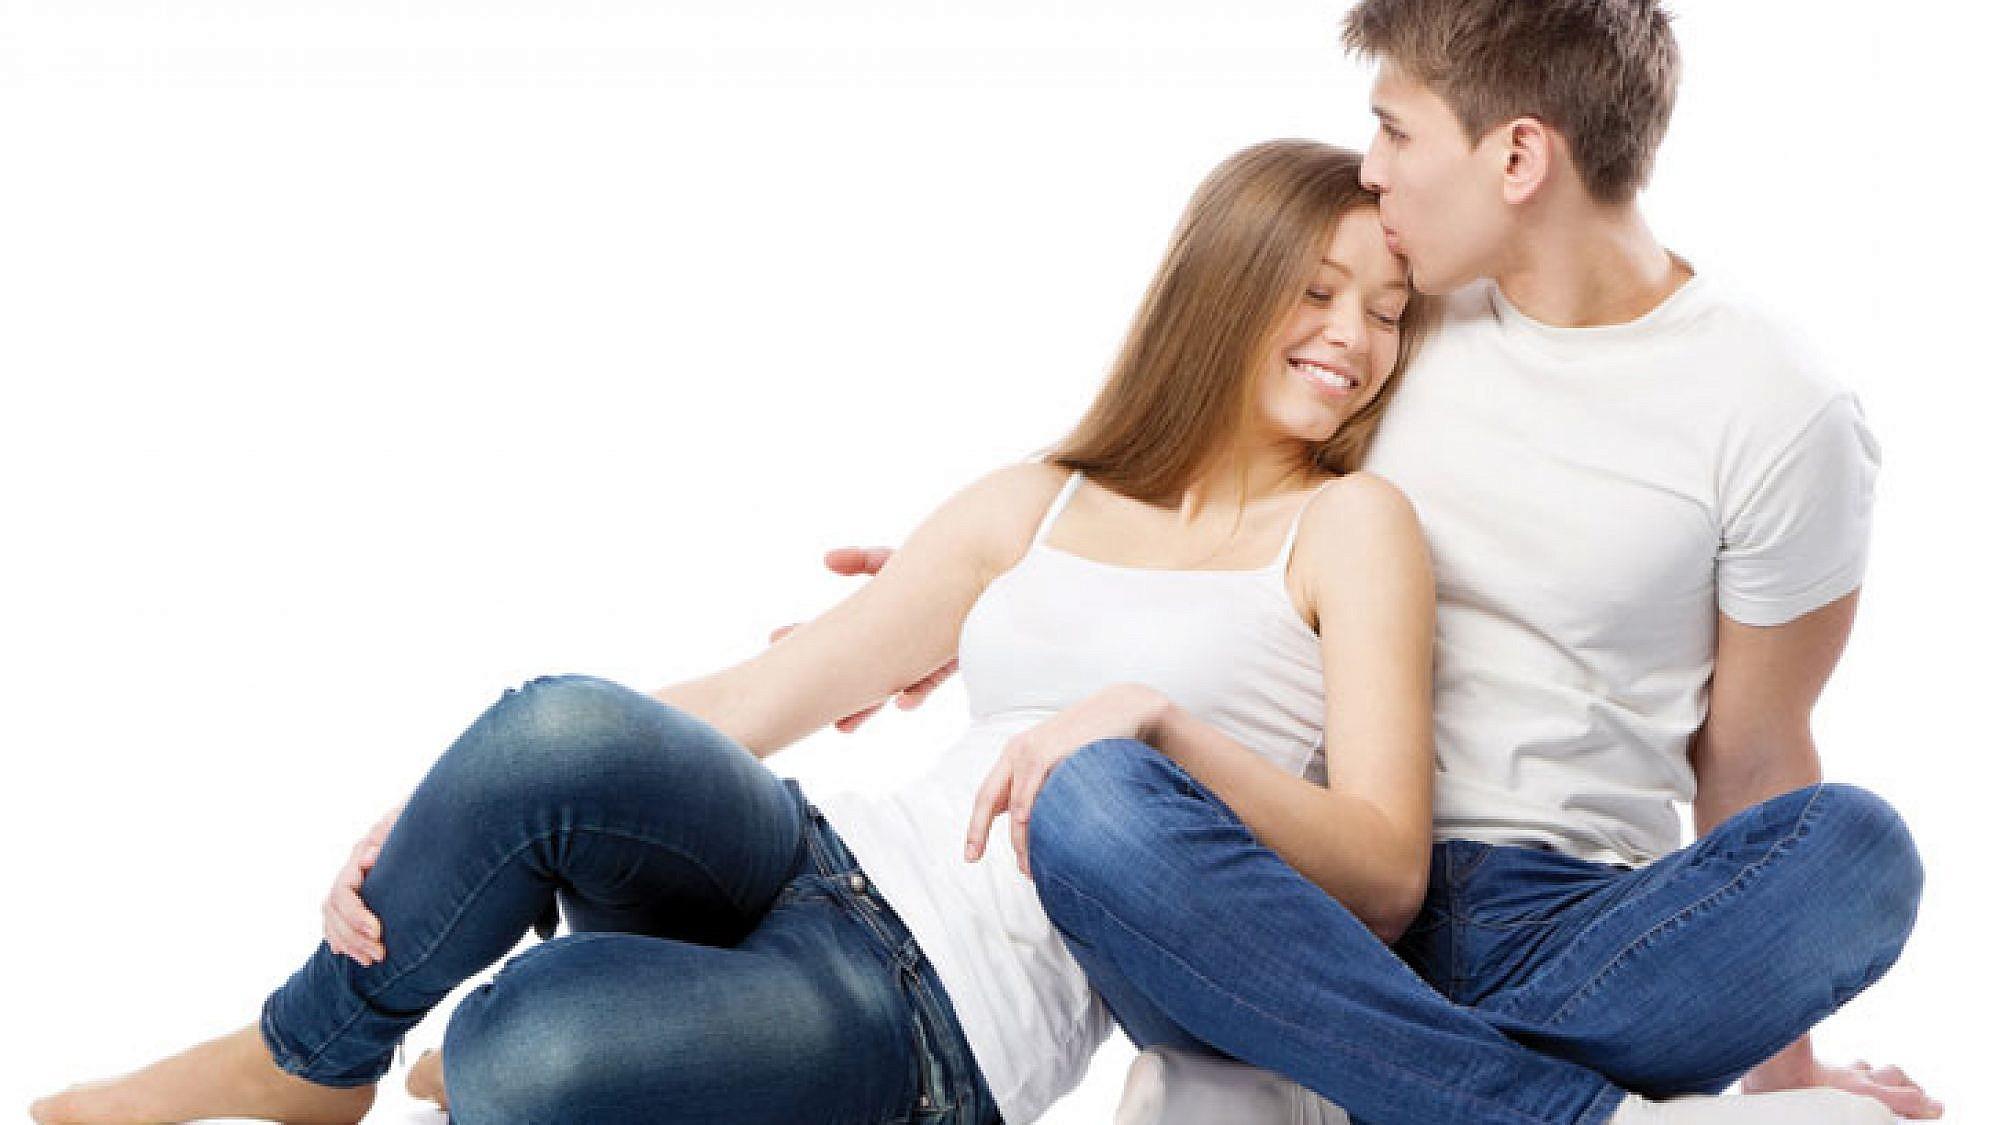 אינטימיות טובה תוביל למיניות. יצירת קרבה רגשית ופיזית שאינה מובילה לסקס, מחזקת בהמשך את התשוקה | צלם: shutterstock